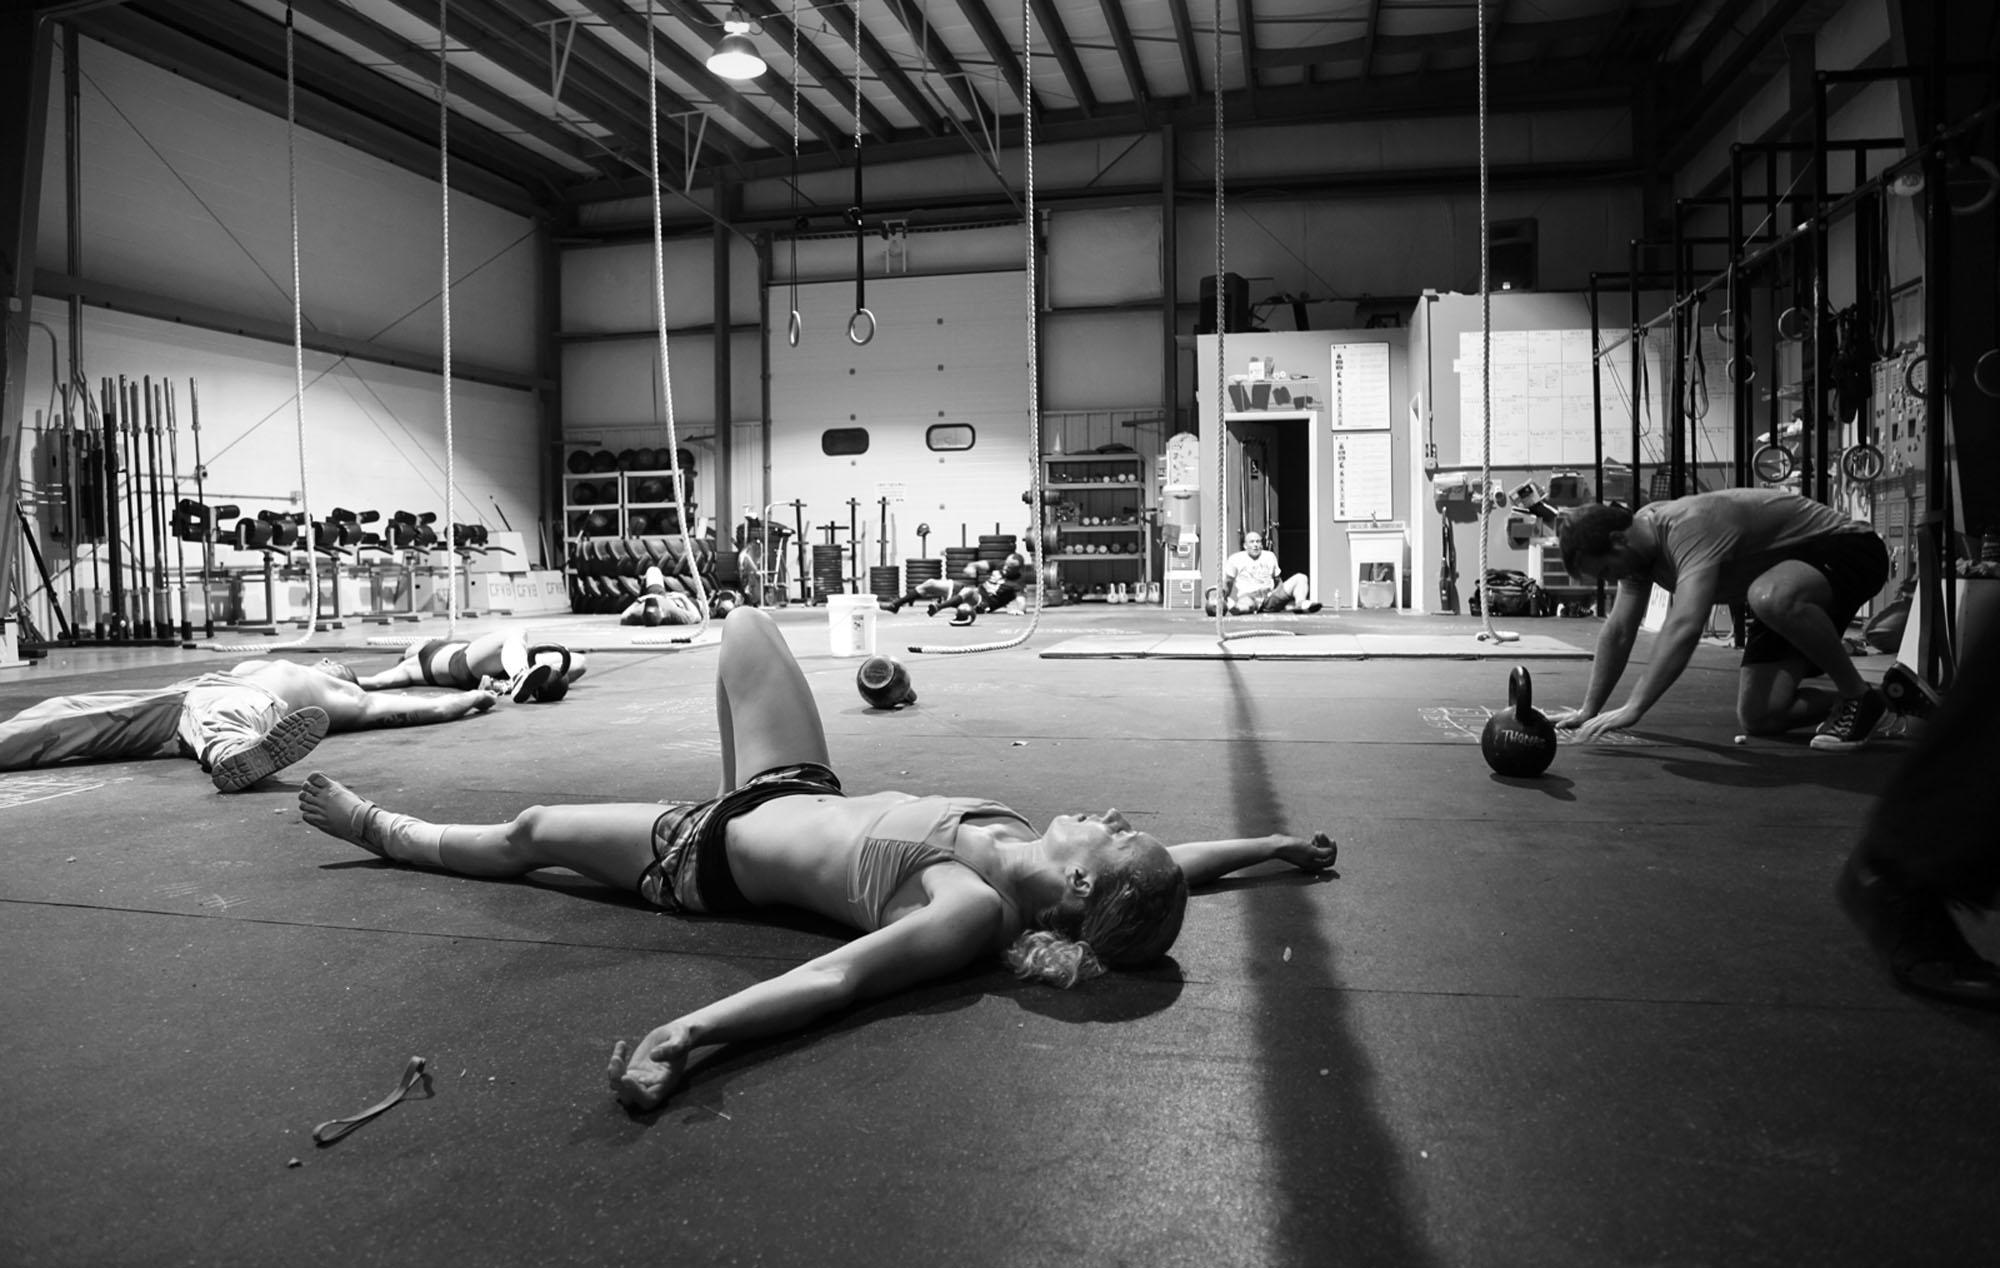 Смешные картинки про усталость после тренировки, днем